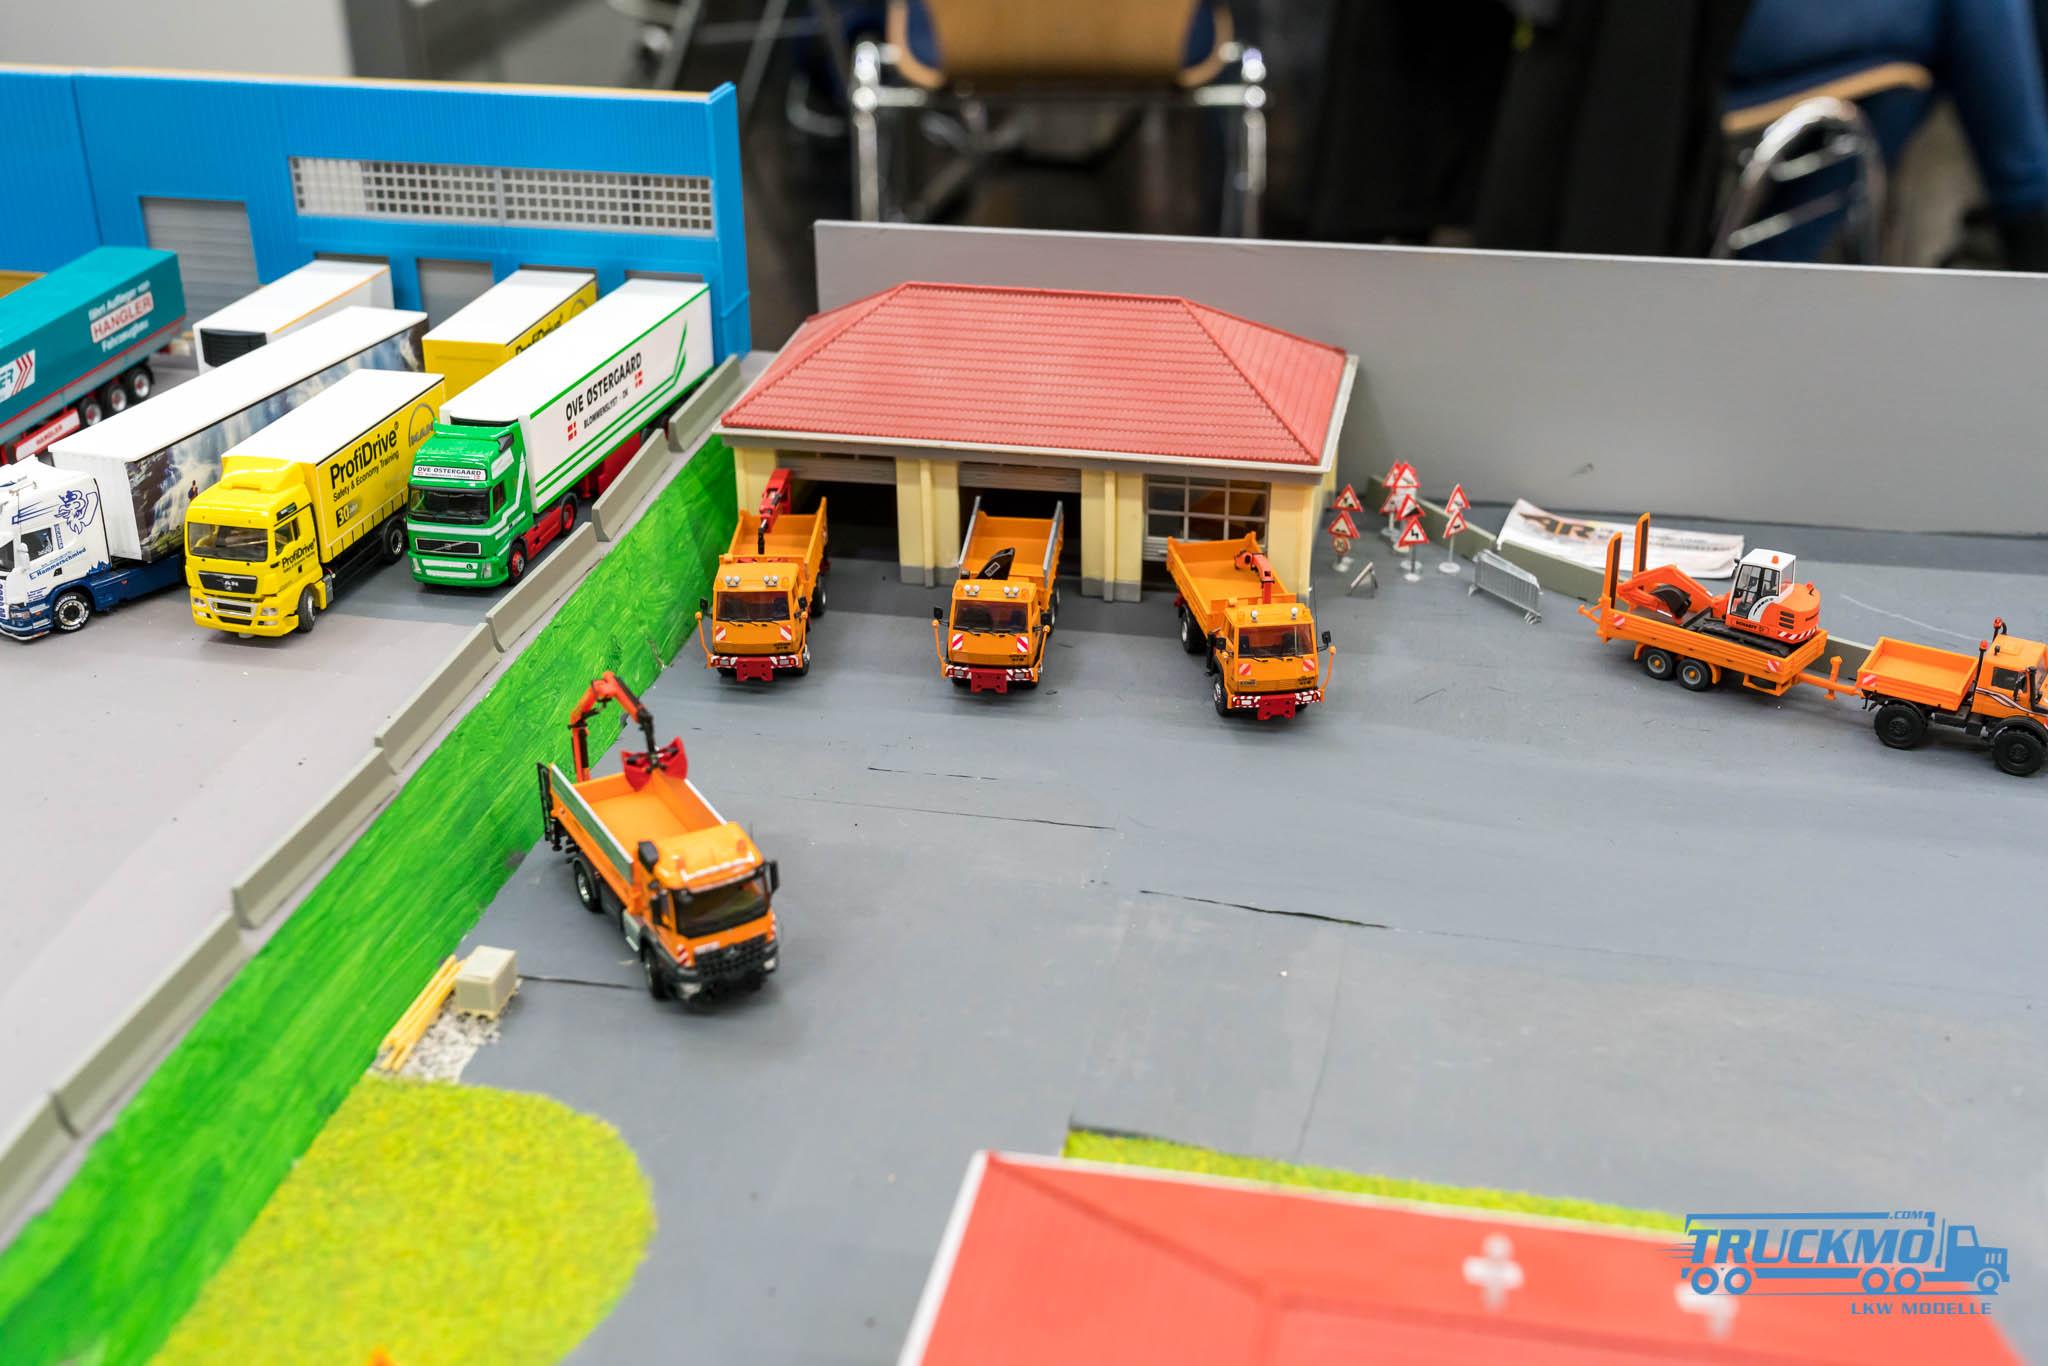 Truckmo_Modellbau_Ried_2017_Herpa_Messe_Modellbauausstellung (137 von 1177)